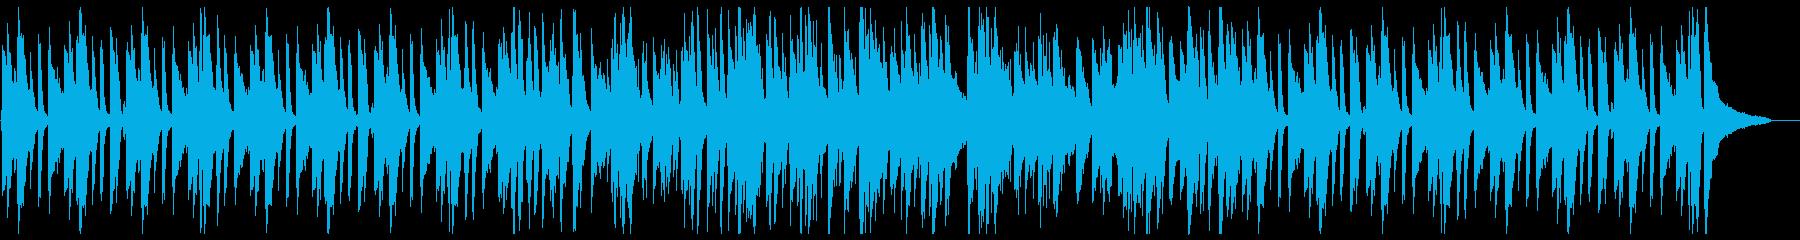 おしゃれなピアノトリオのアドリブジャズの再生済みの波形